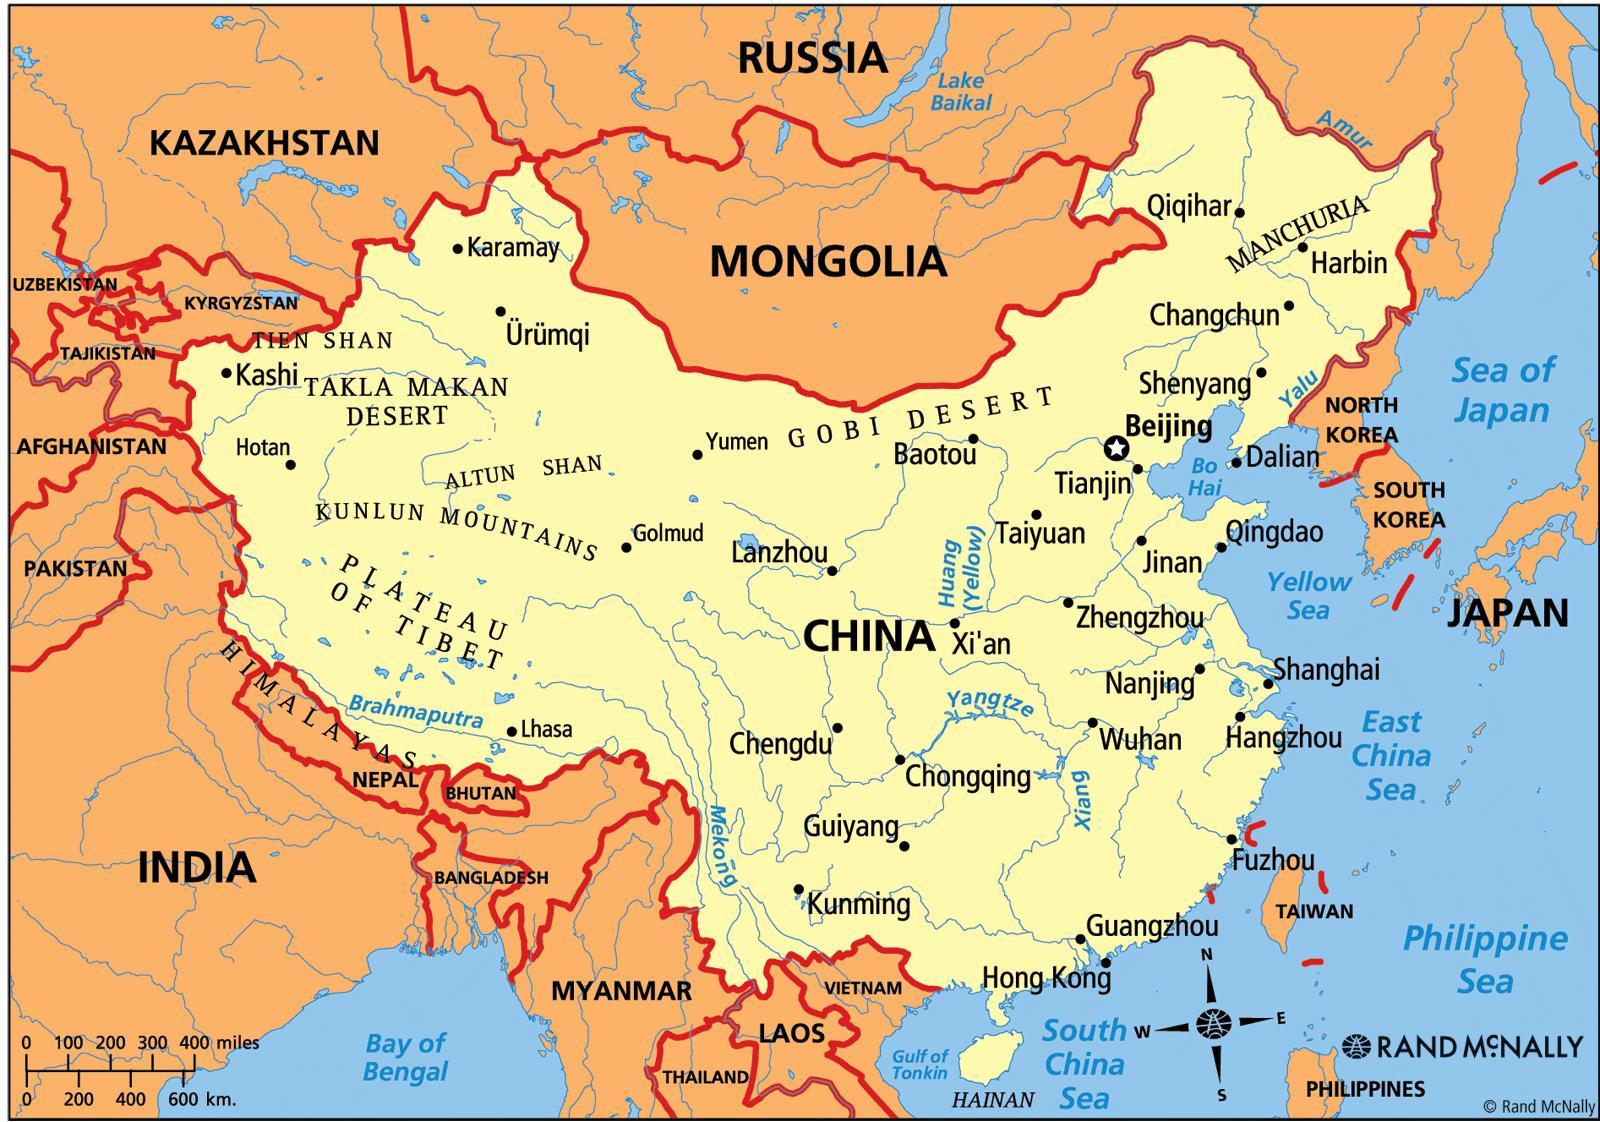 karta kina Kina politiska kartan   Kina karta politiska (Östra asien   Asien) karta kina